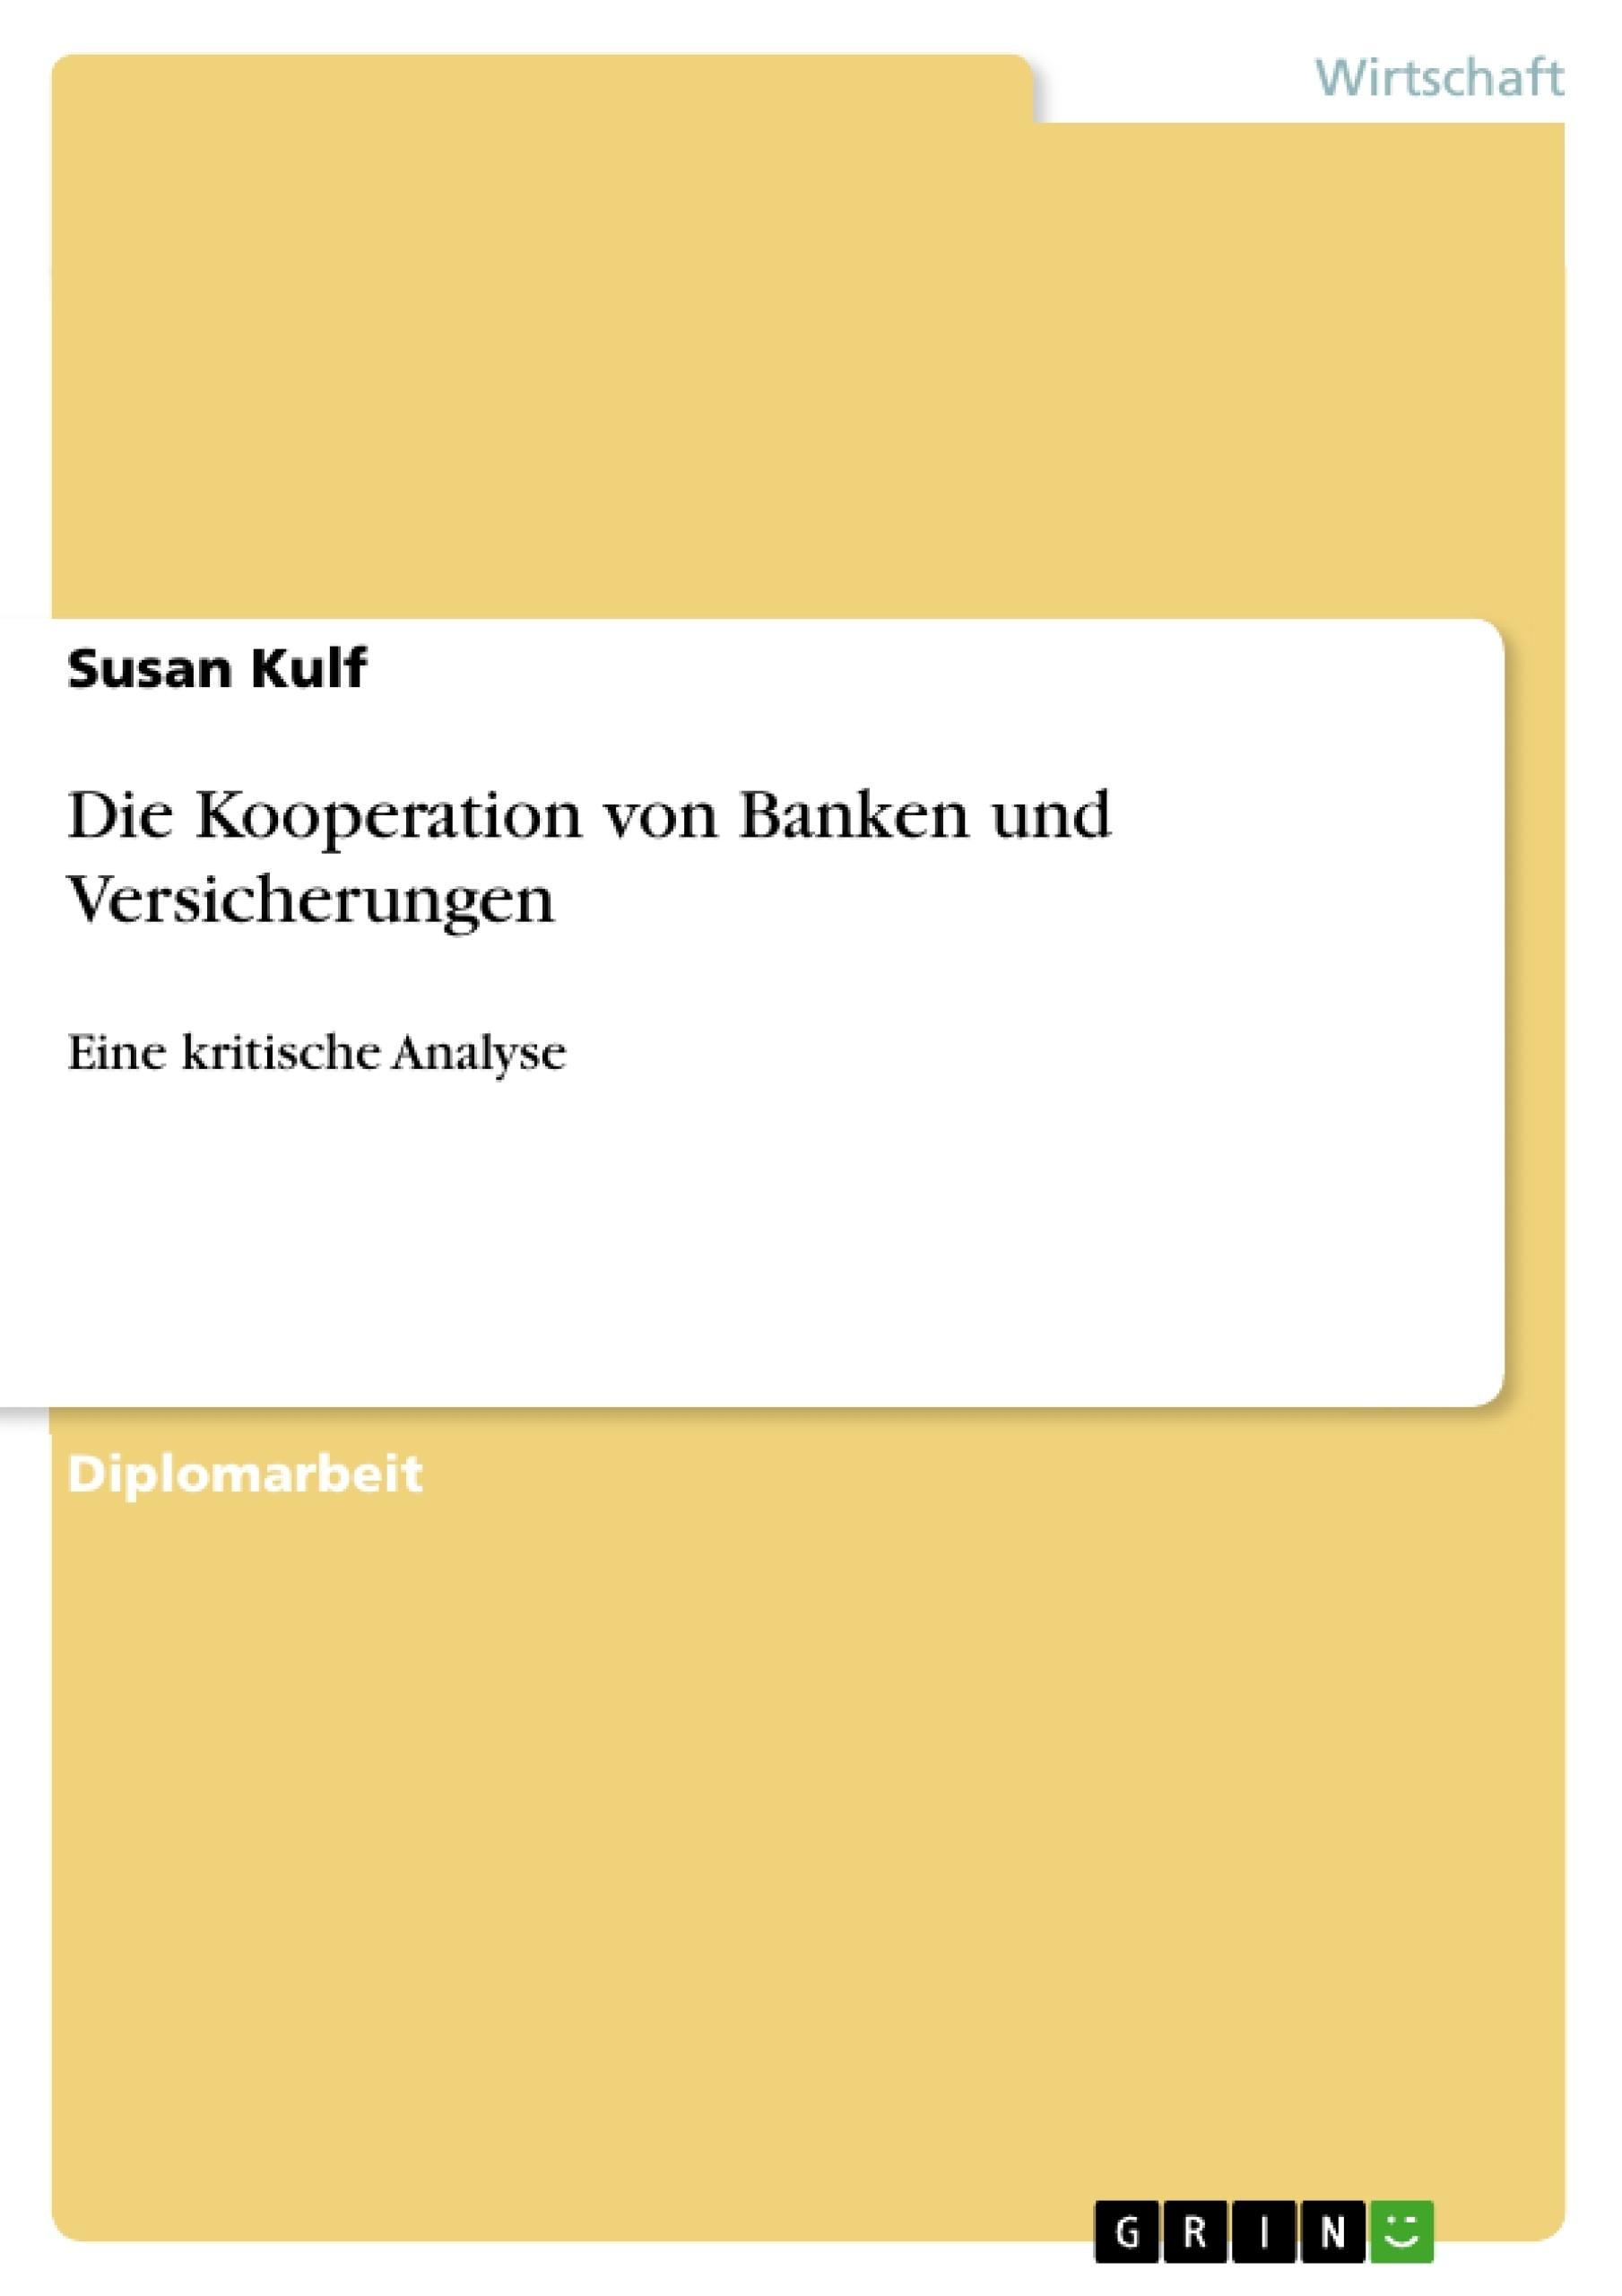 Titel: Die Kooperation von Banken und Versicherungen